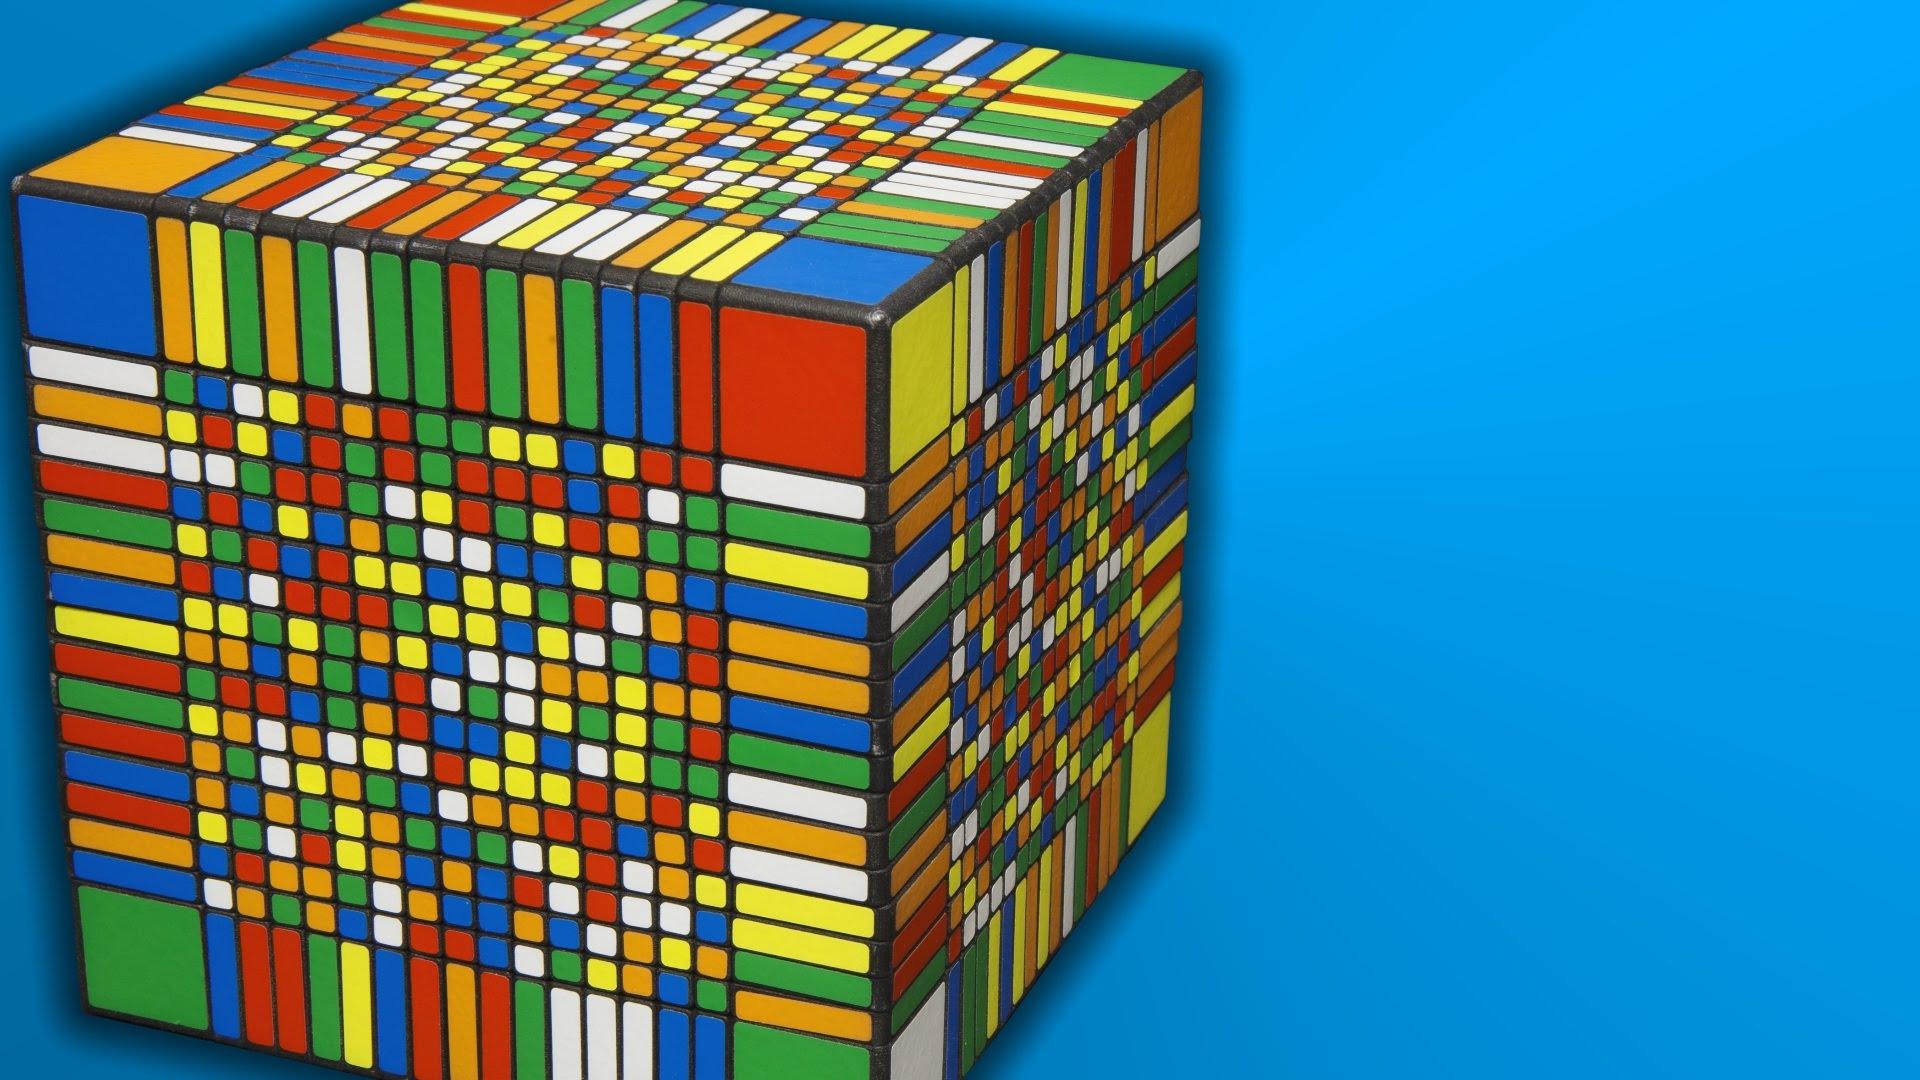 Самый большой кубик Рубика в мире: на решение головоломки требуется 7,5 часов - 1